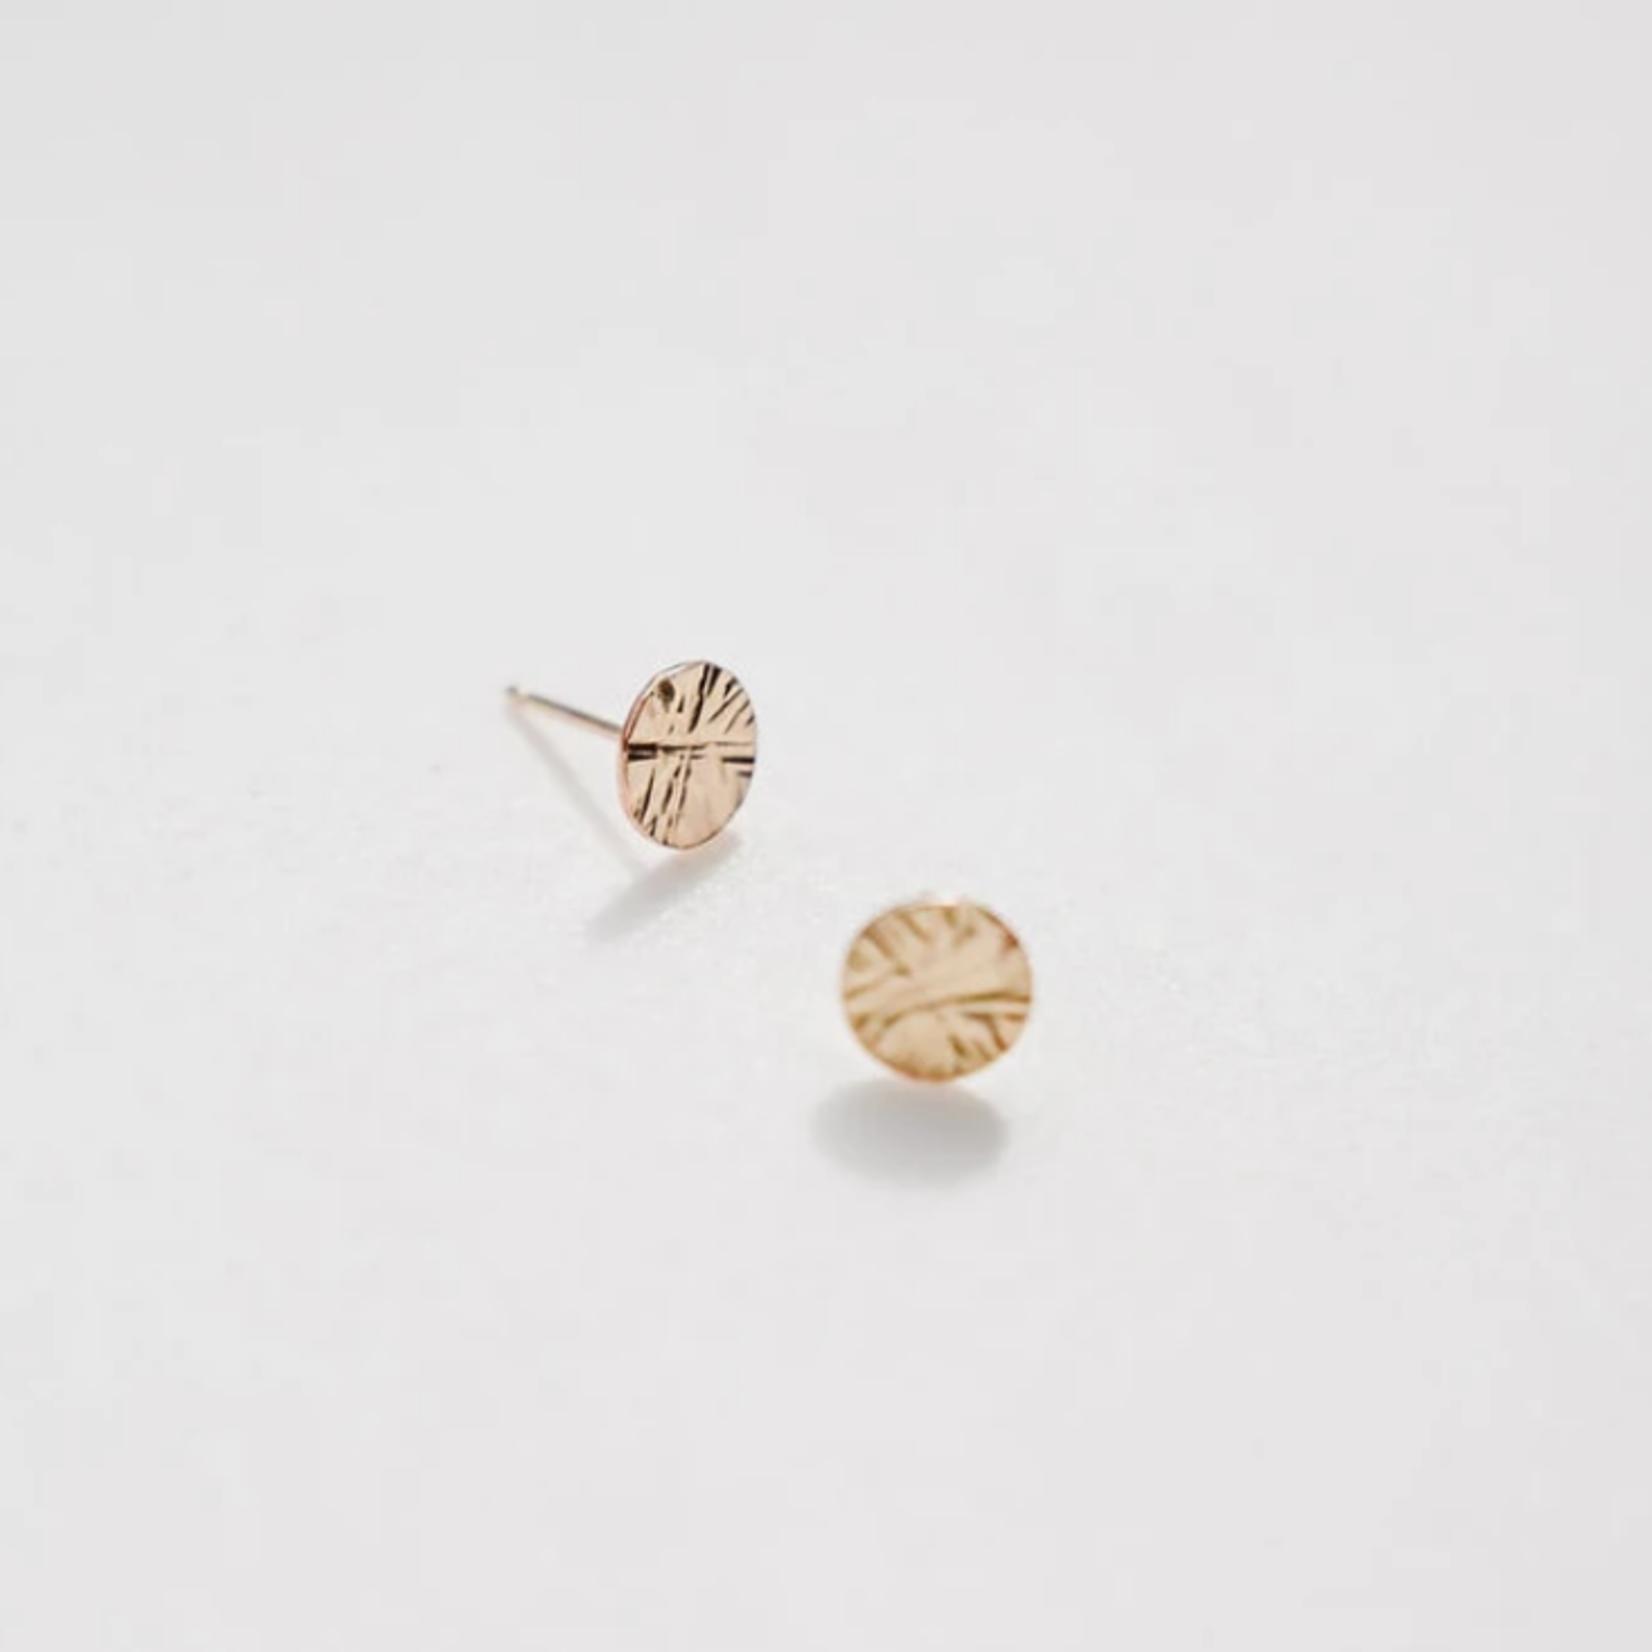 Starburst gold earring